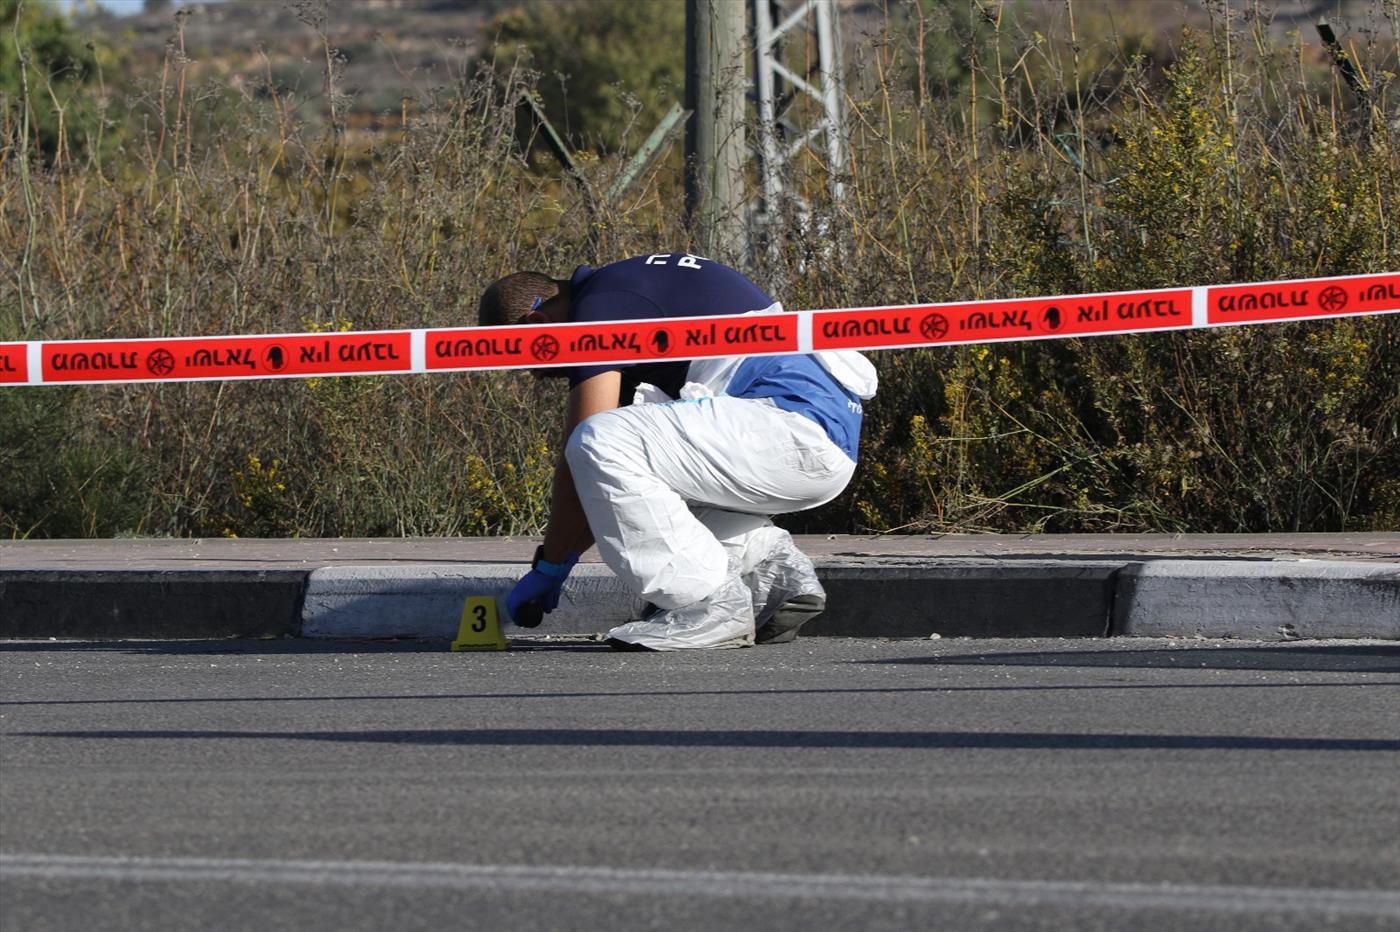 זירת פיגוע בגוש עציון. צילום: יוסף מזרחי TPS